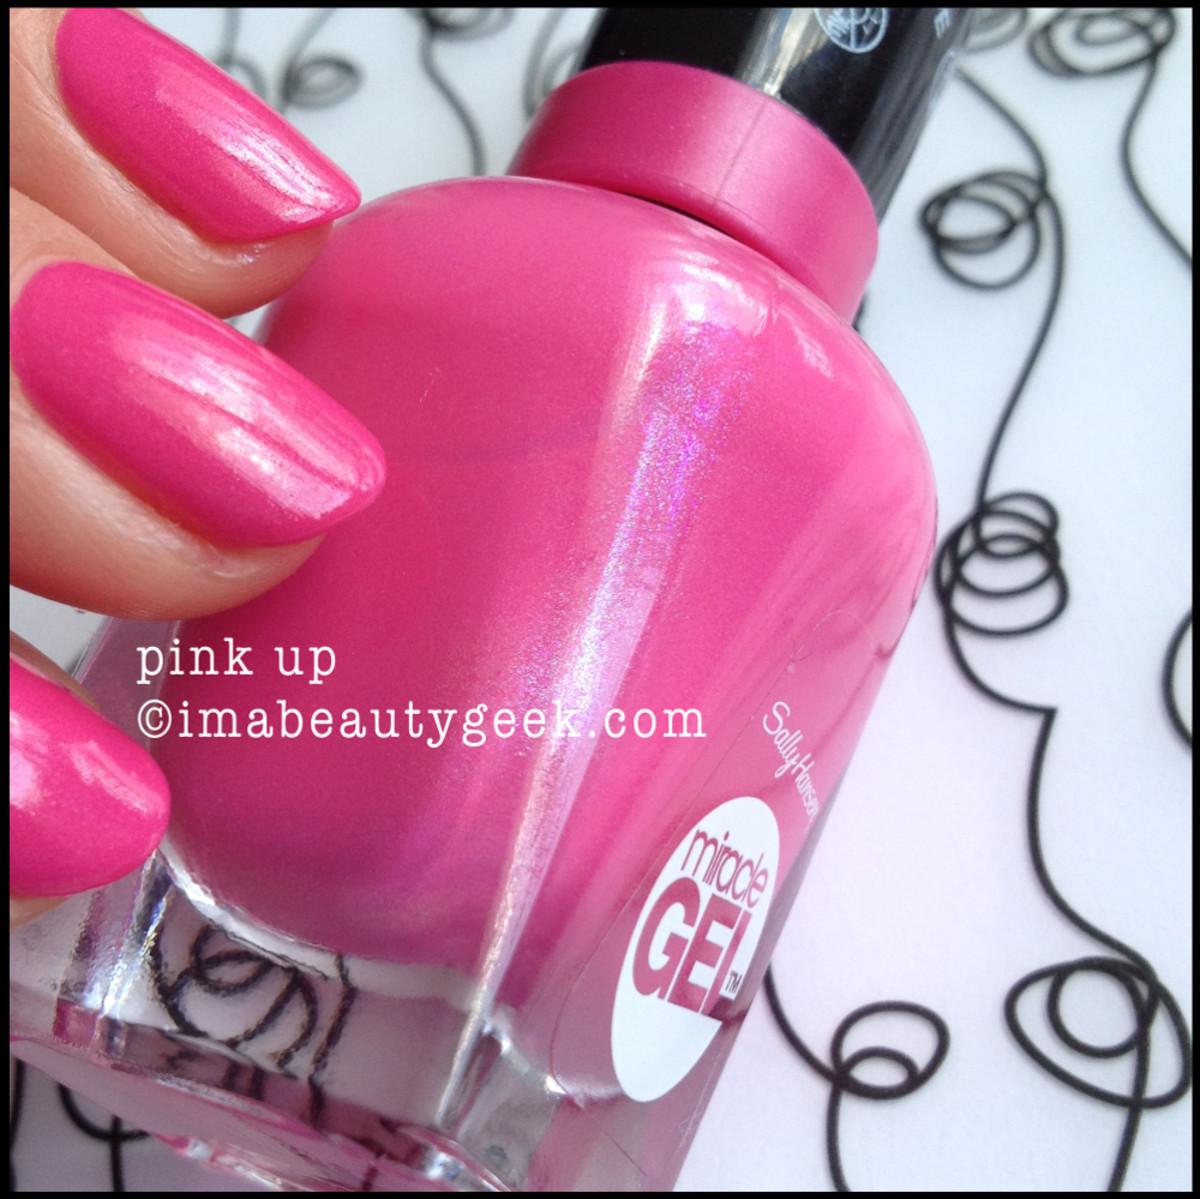 sally hansen pink up bottle